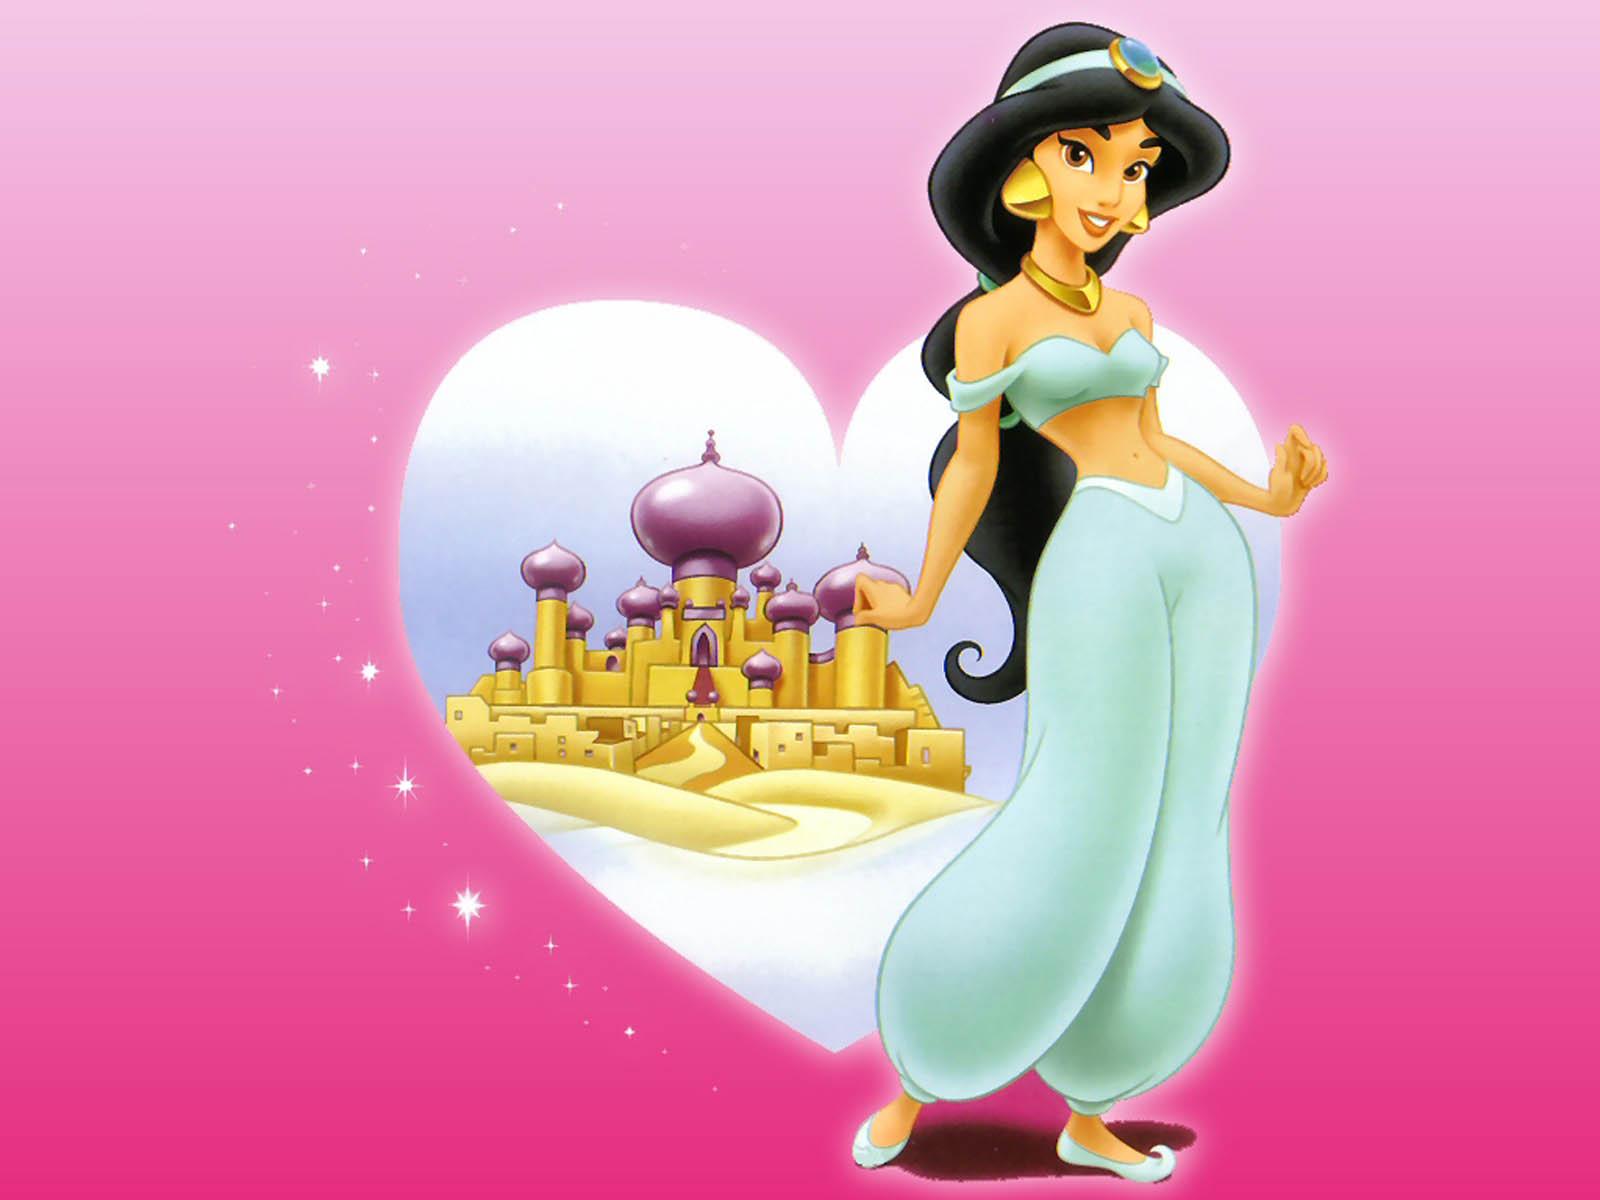 プリンセスジャスミンアラジンジャスミン プリンセスジャスミン壁紙 1600x10 Wallpapertip